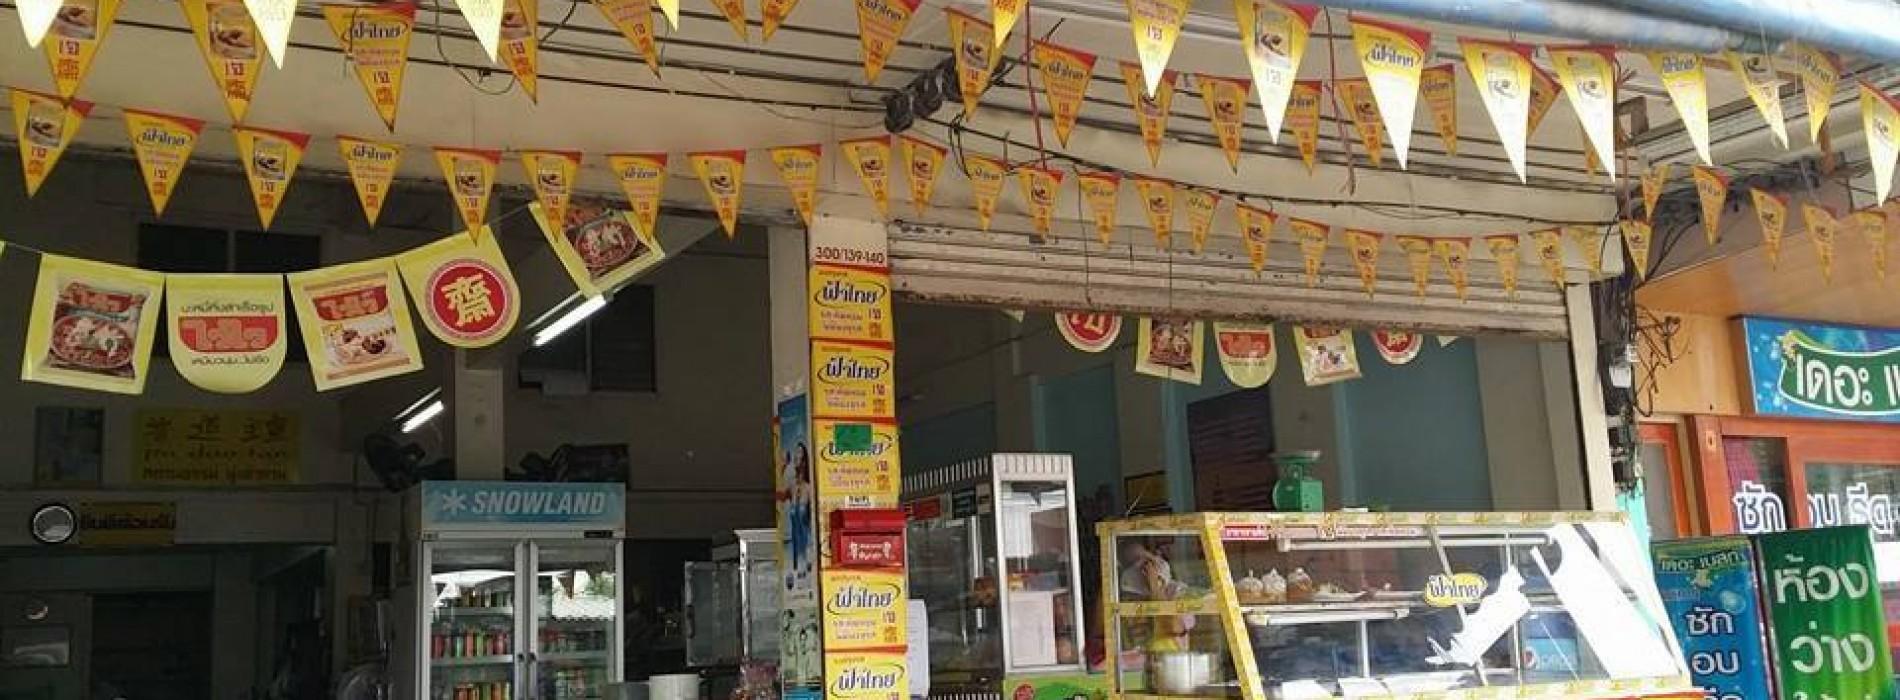 ร้านอาหารเจ ร้านผู่เต้าถัน ร้านอาหารเจจังหวัดปทุมธานี